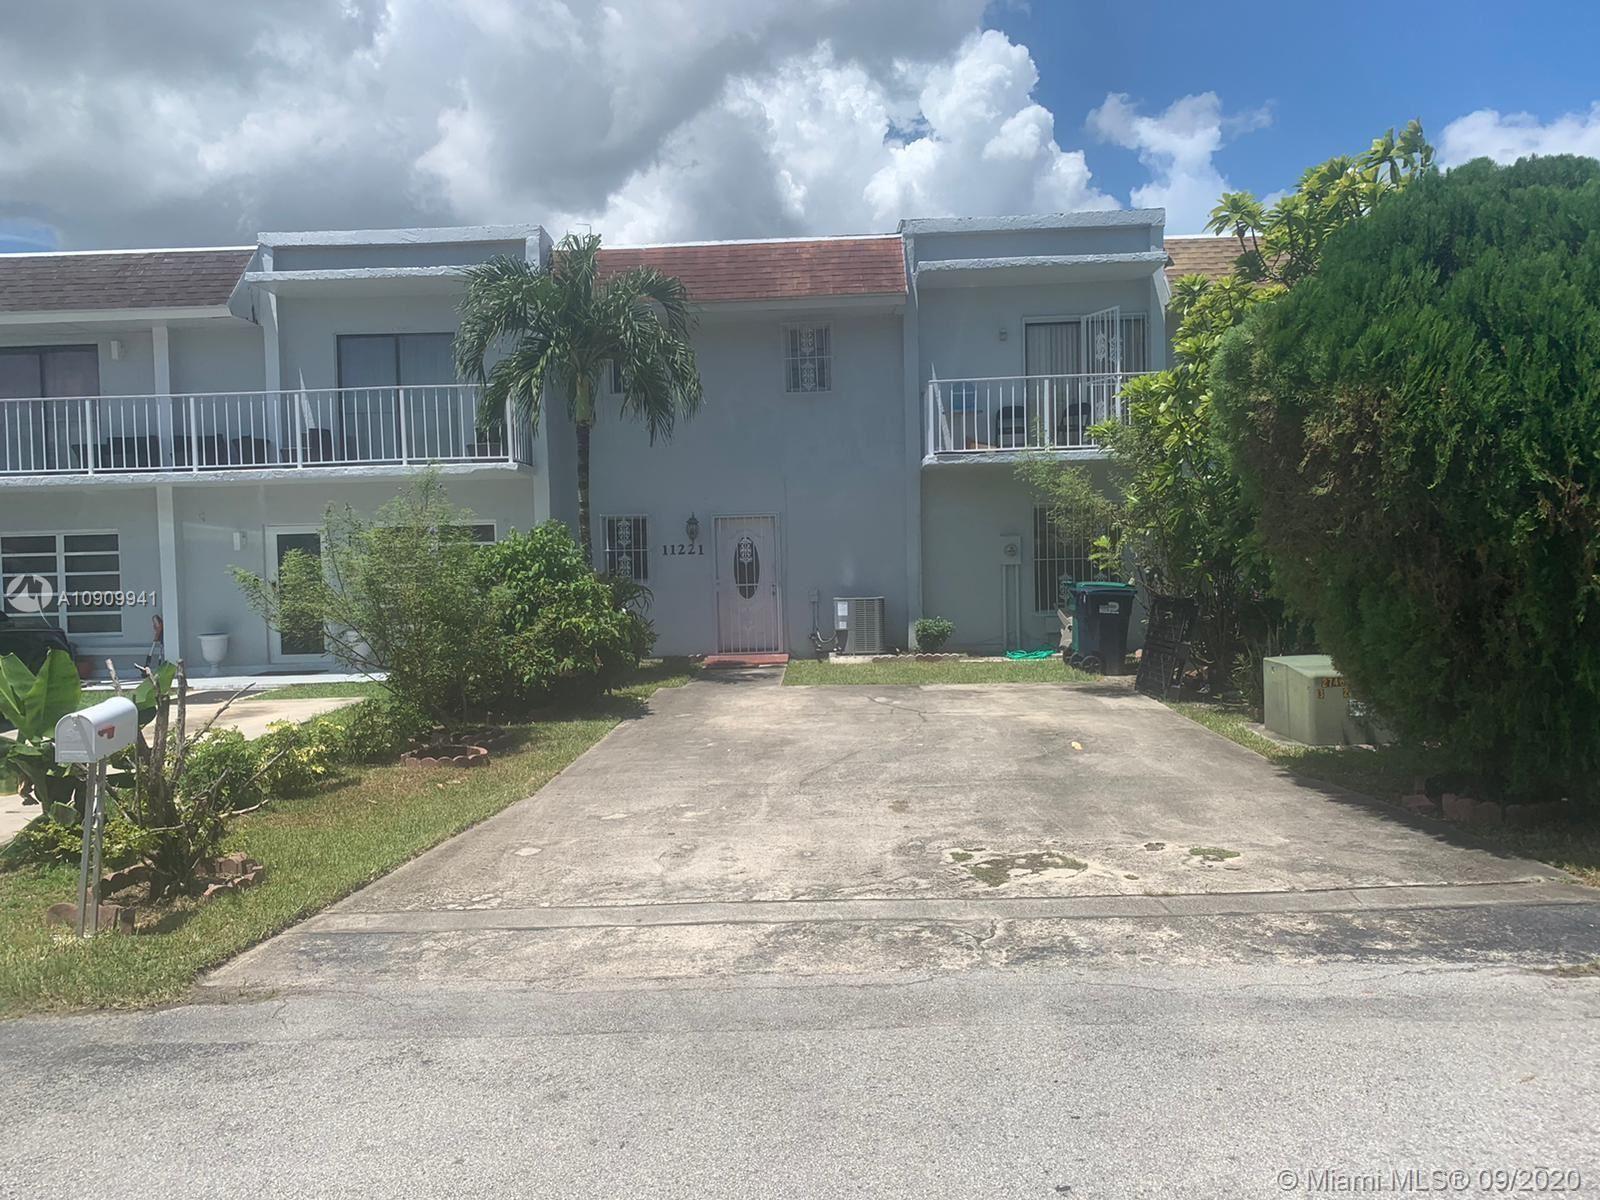 11221 SW 33rd Cir Pl, Miami, FL 33165 - #: A10909941